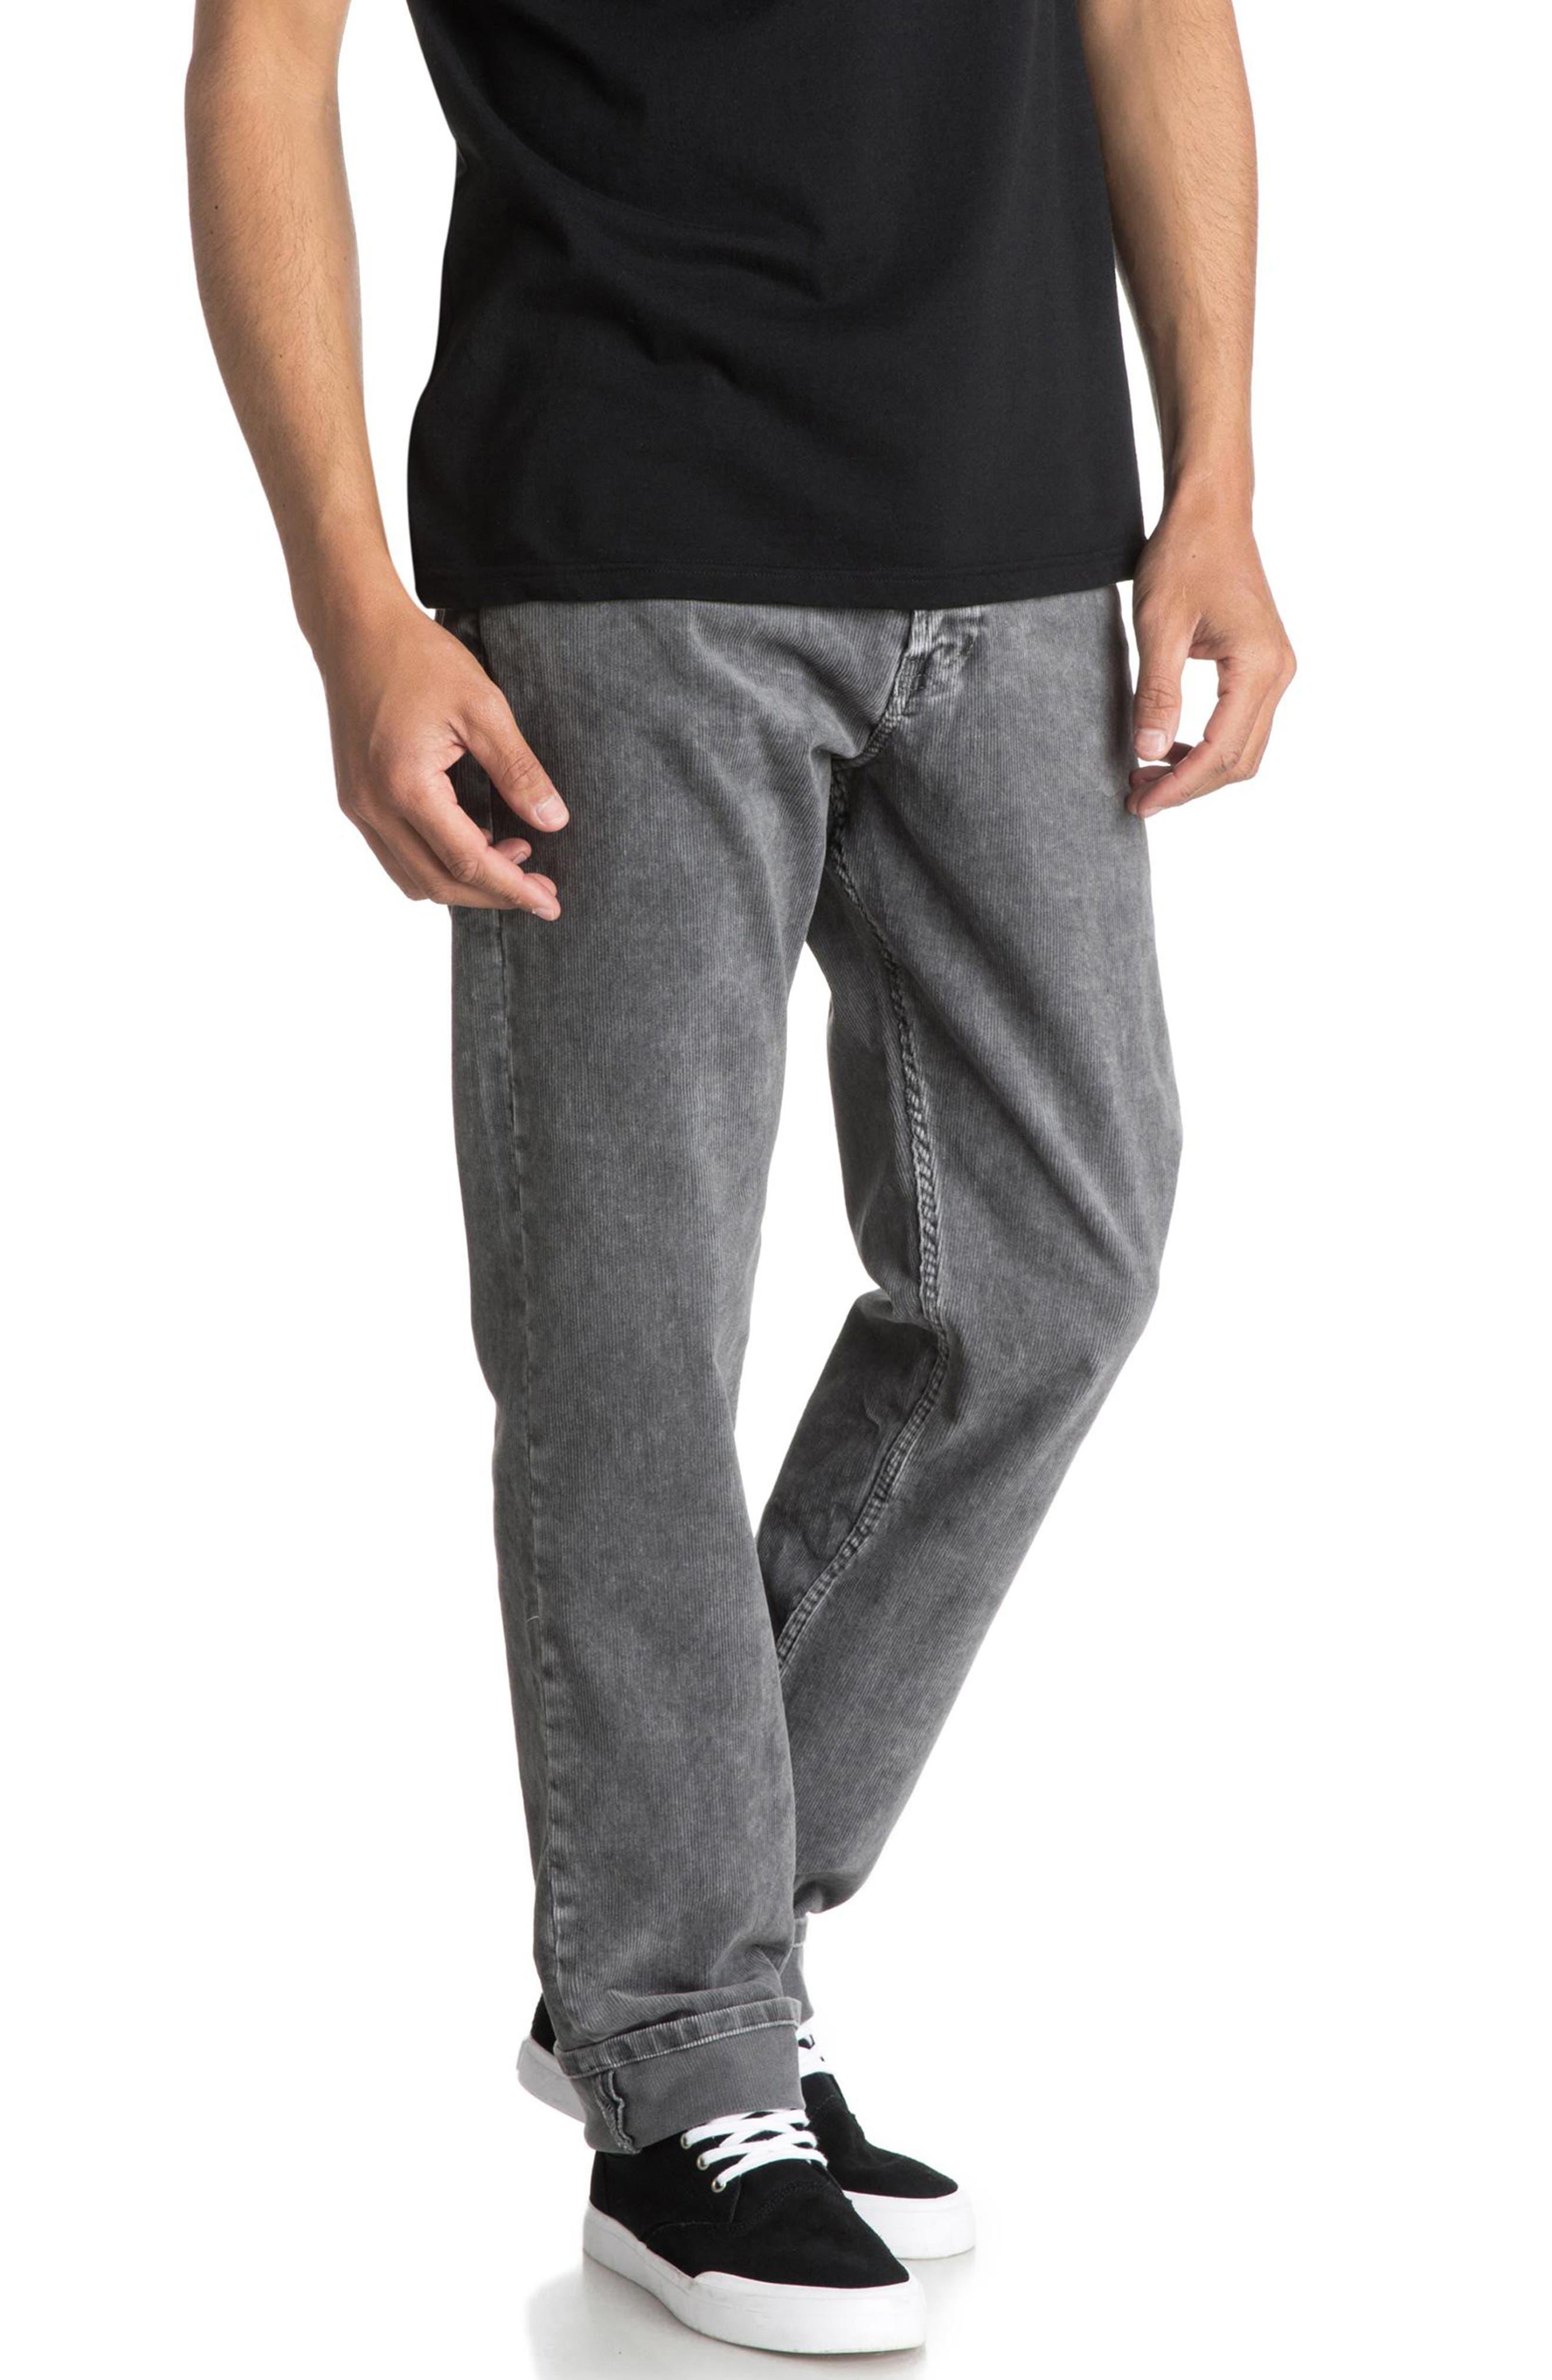 QUIKSILVER Kracker Straight Fit Corduroy Pants, Main, color, 020